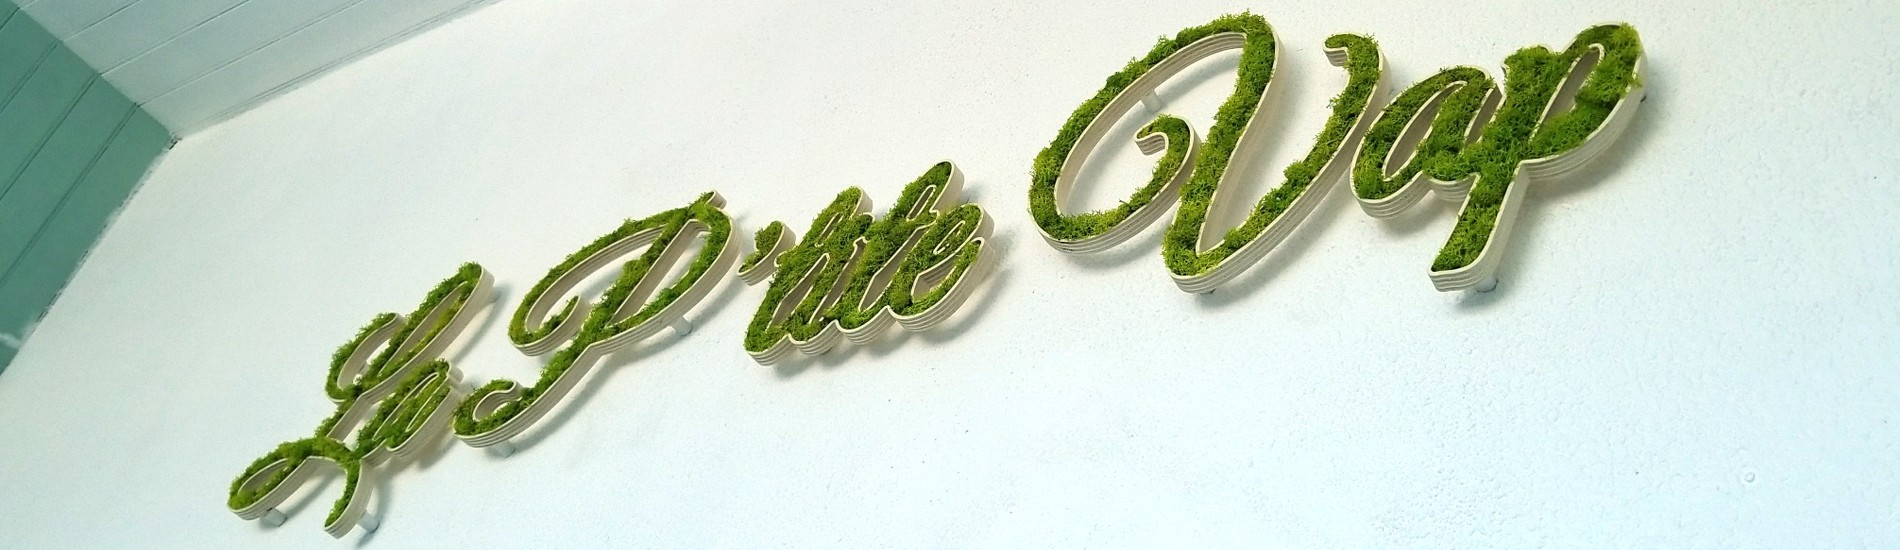 Enseigne Logo végétal, lettres végétales La P'tite Vap dans un socle pvc blanc creusé rempli de lichen vert naturel stabilisé